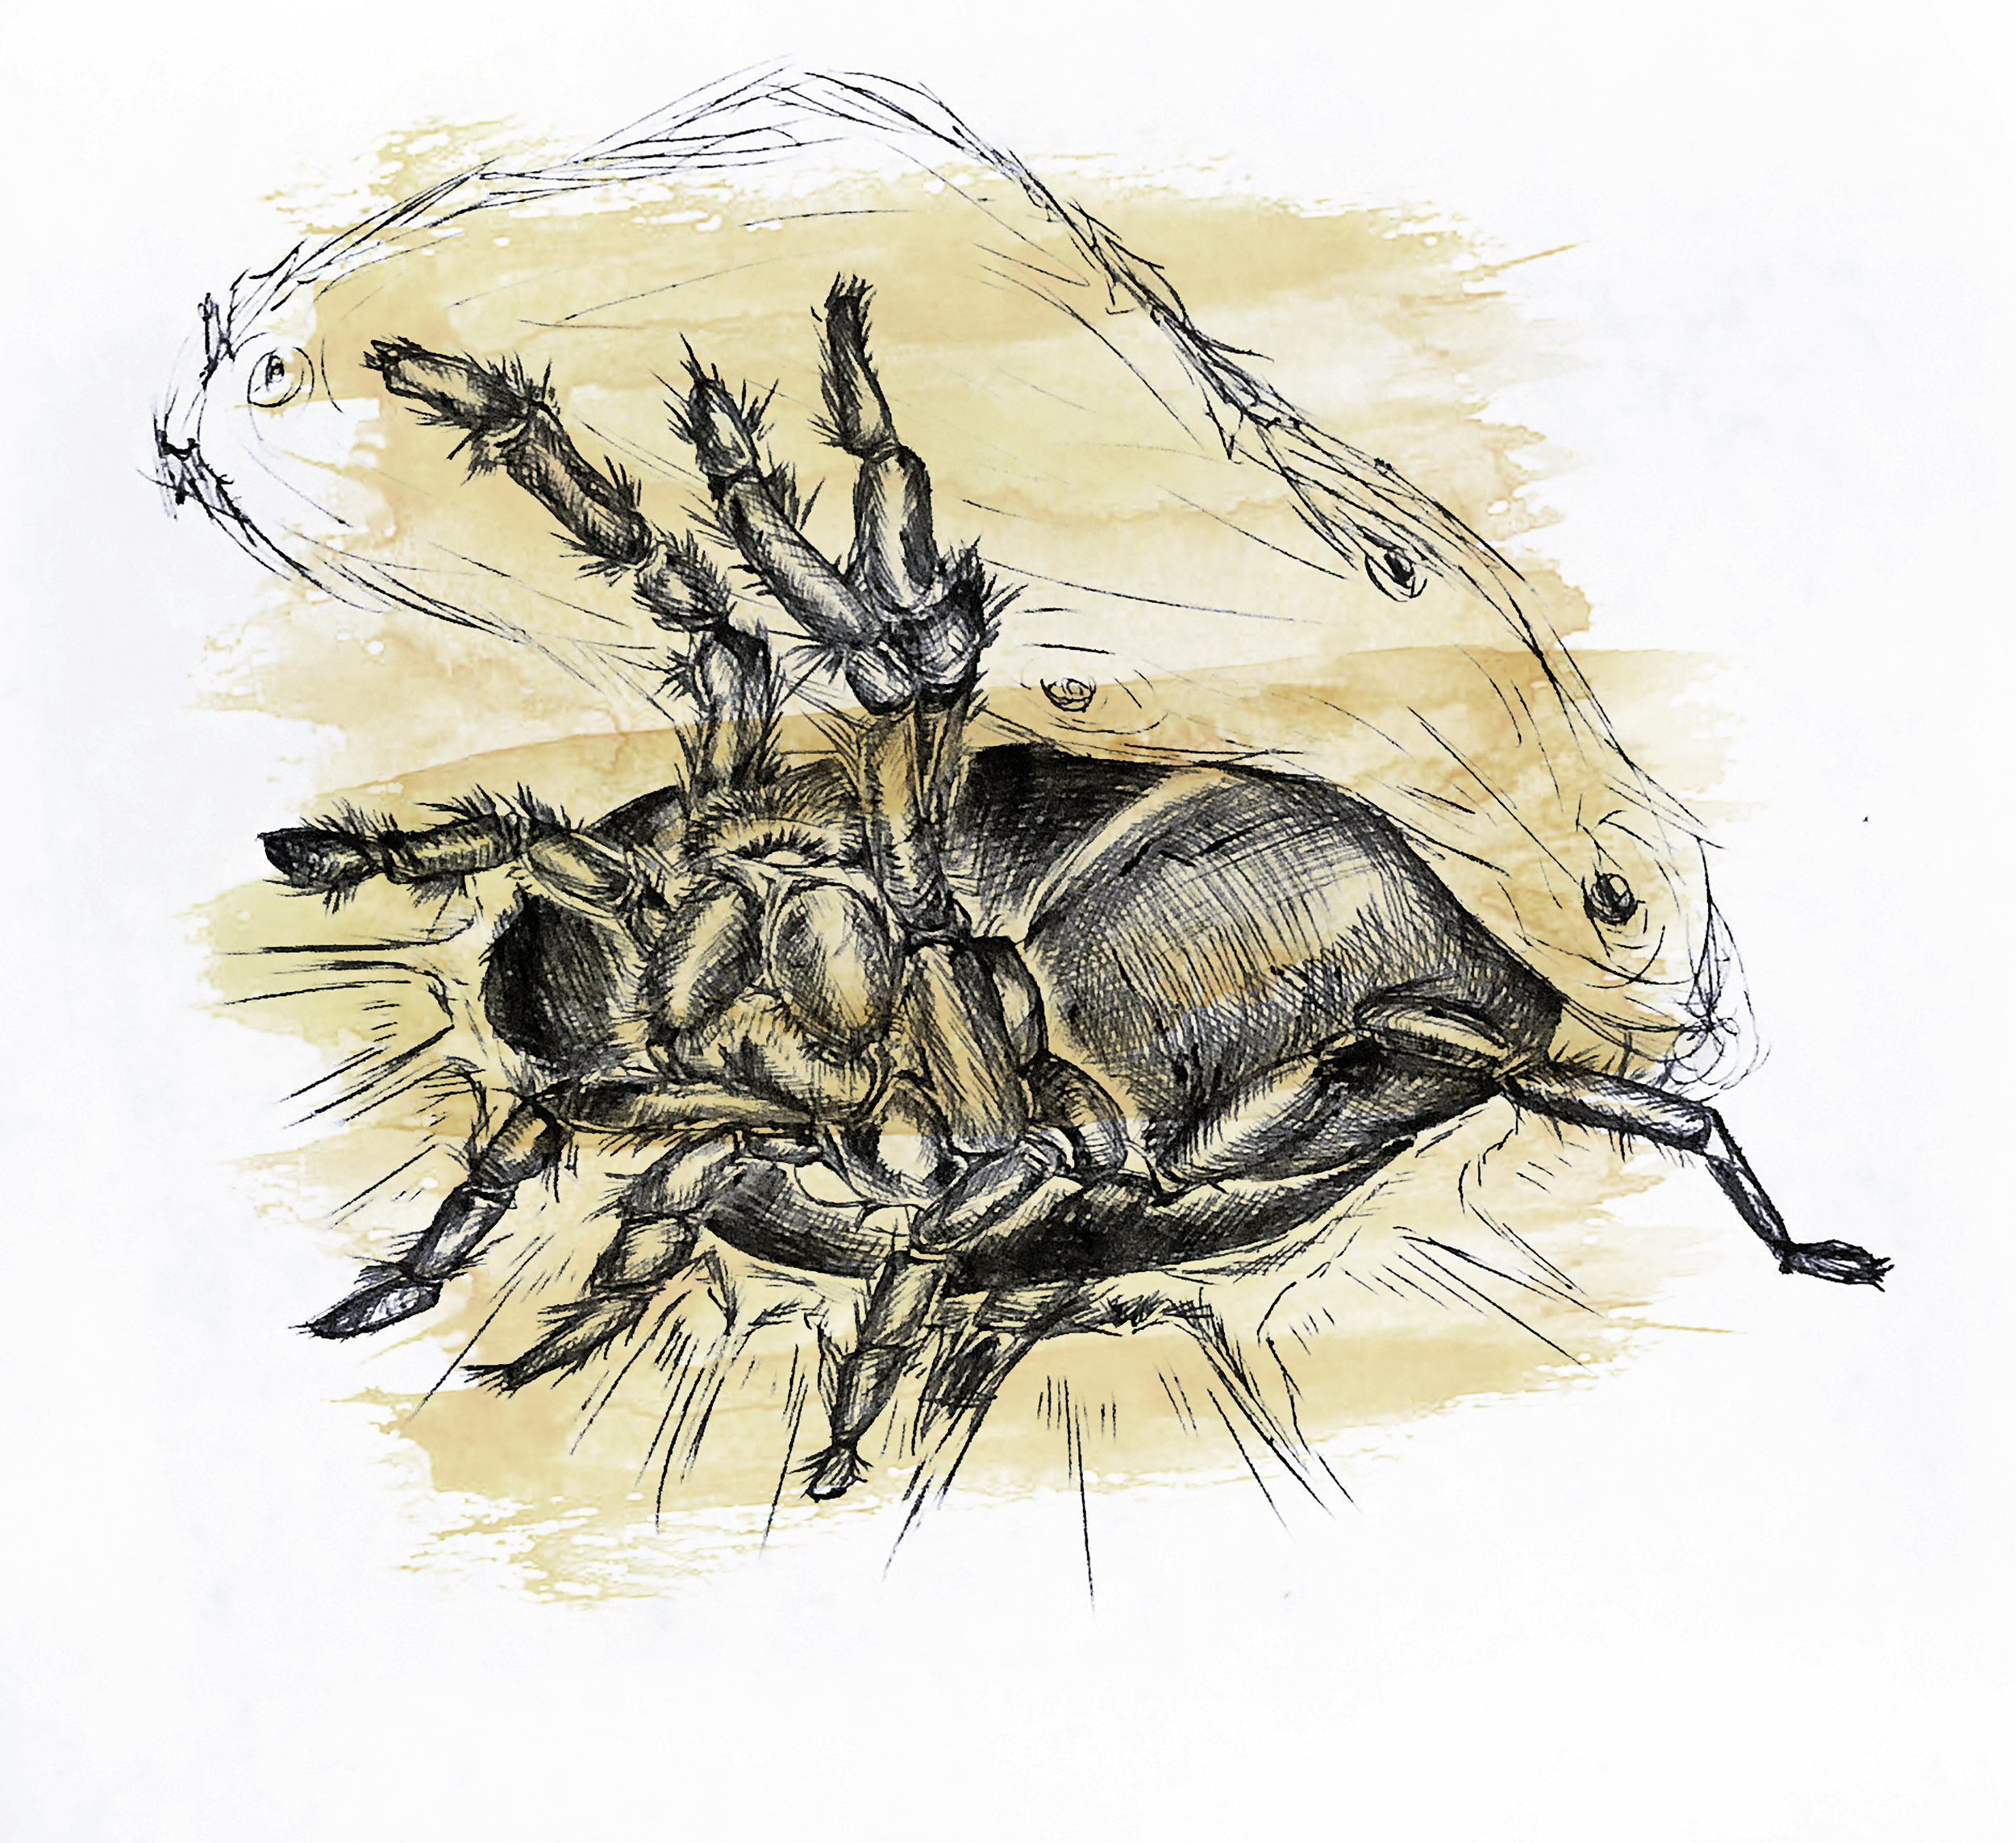 Kelsey_SpiderIllustration_v1.jpg